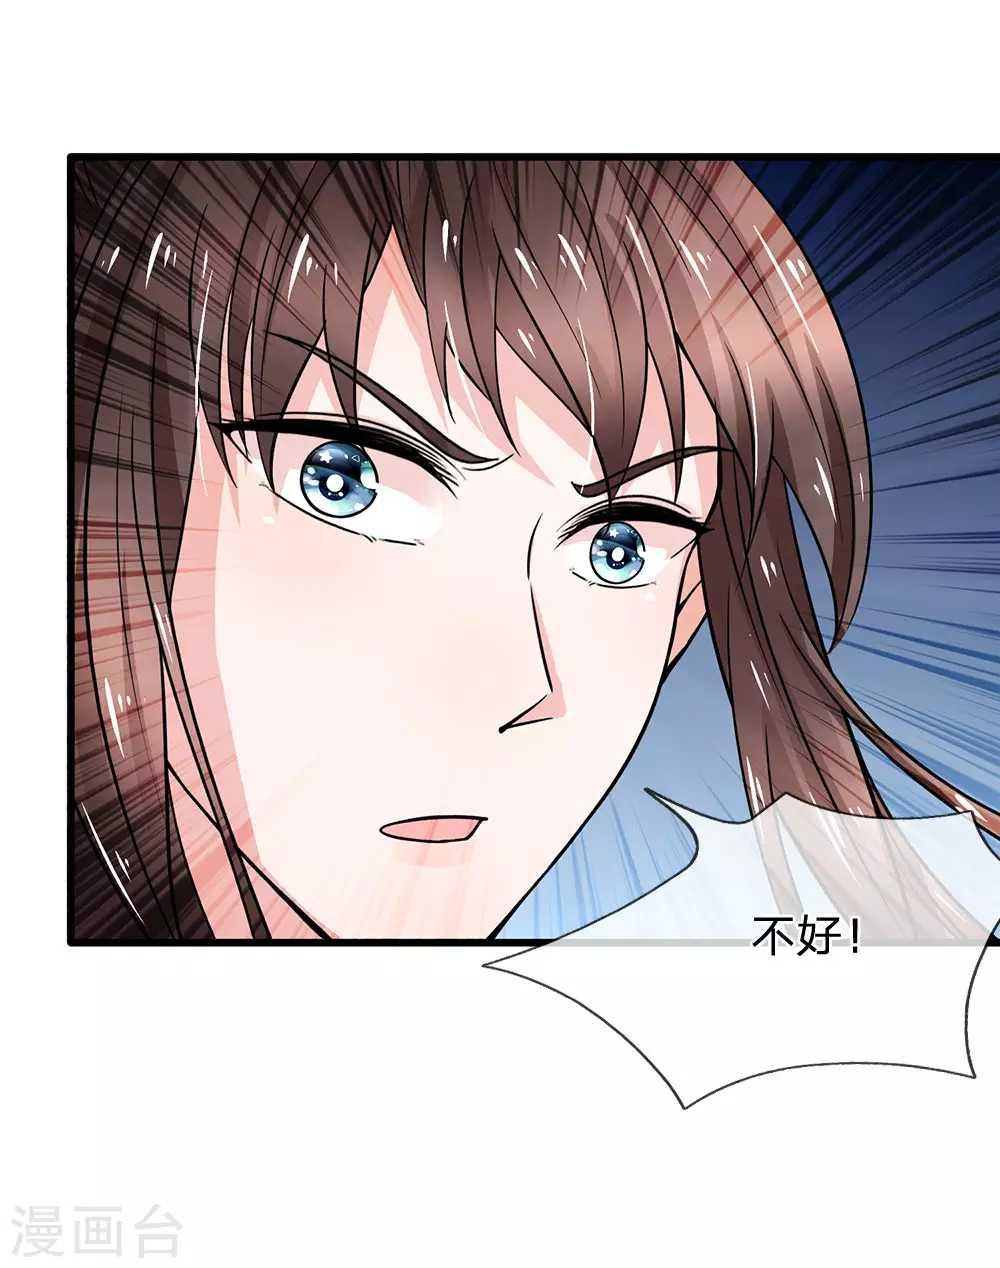 【漫画更新】朕的恶毒皇妃